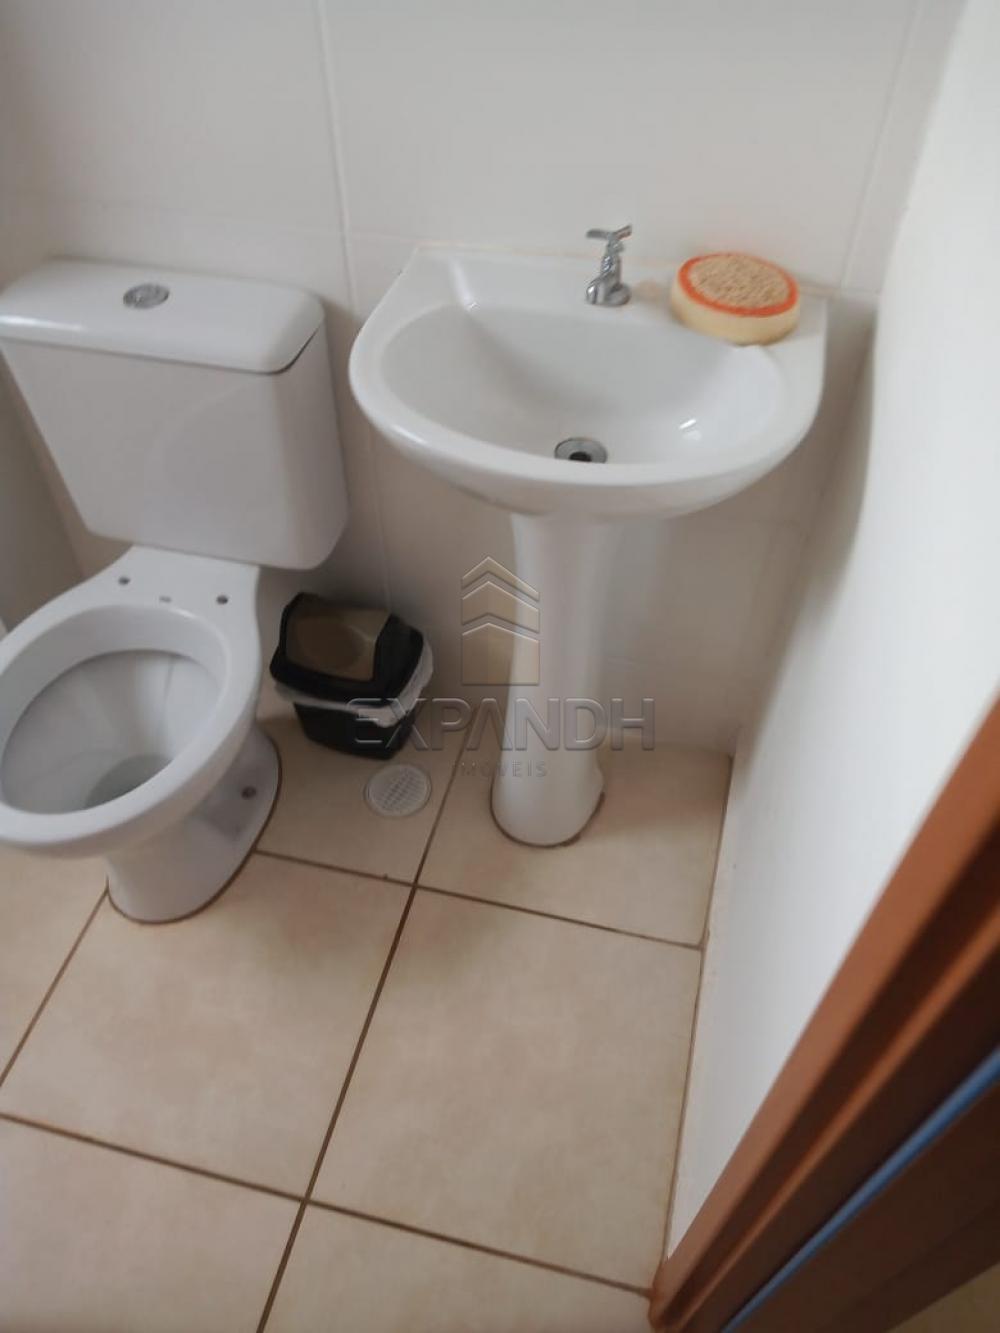 Comprar Apartamentos / Padrão em Sertãozinho R$ 135.000,00 - Foto 5